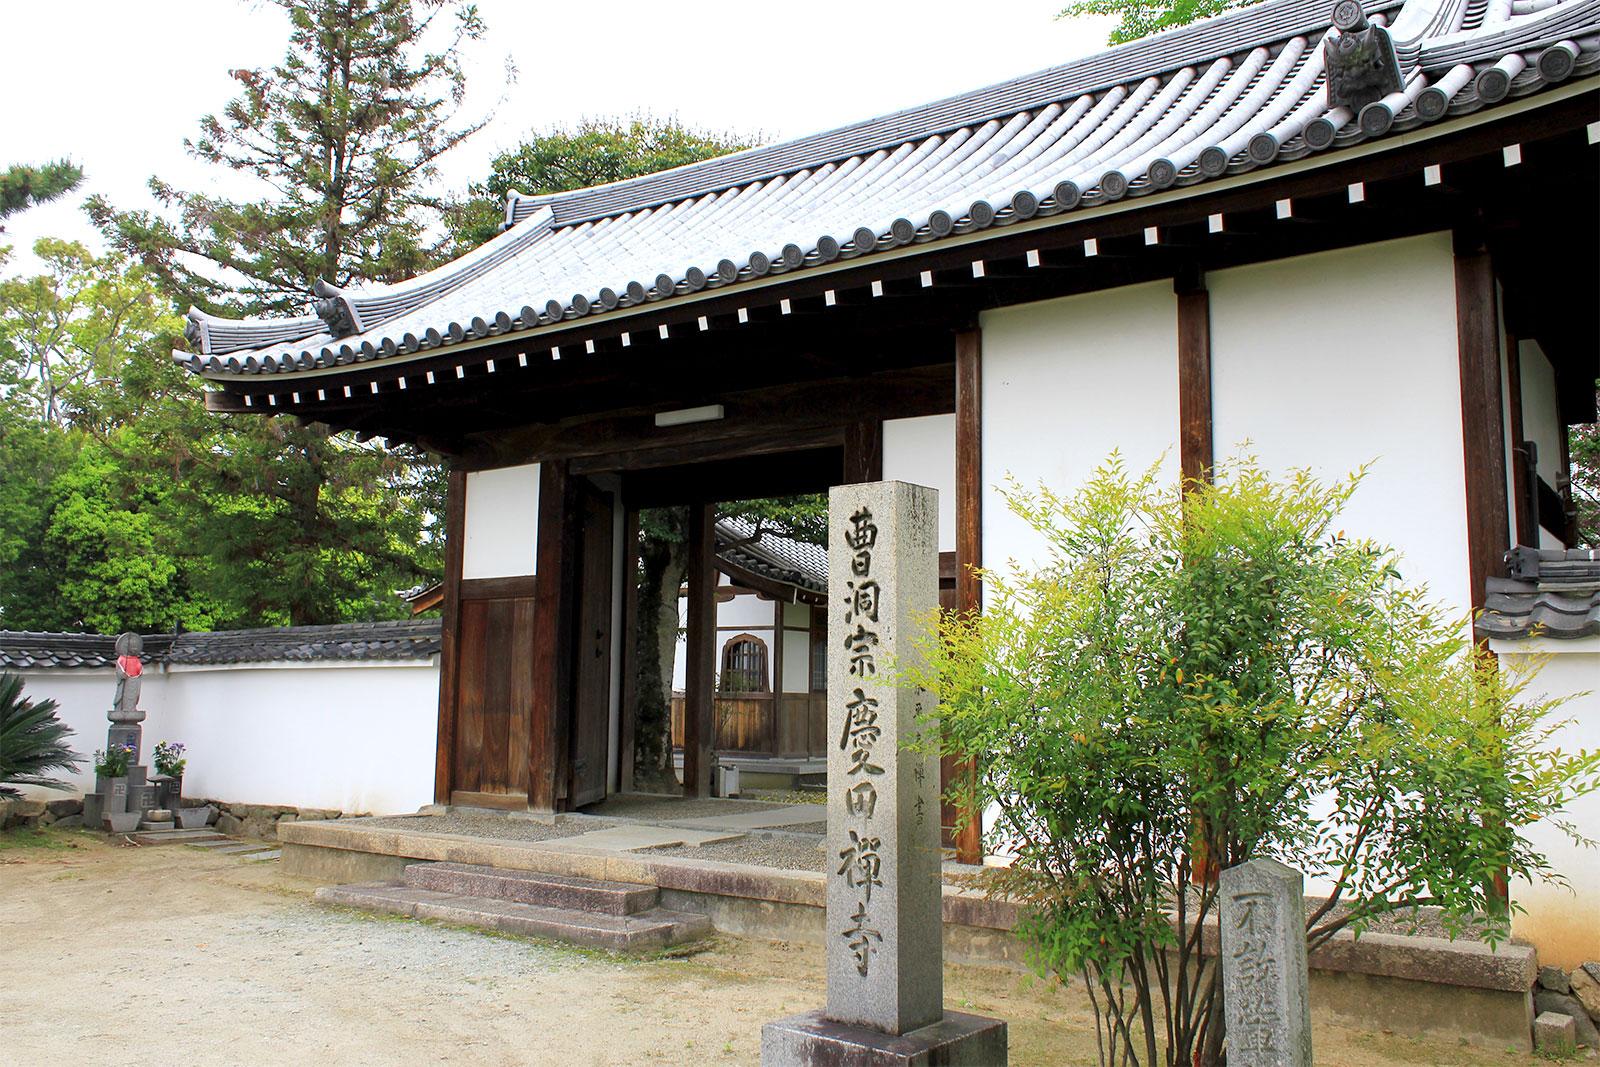 慶田寺 正門